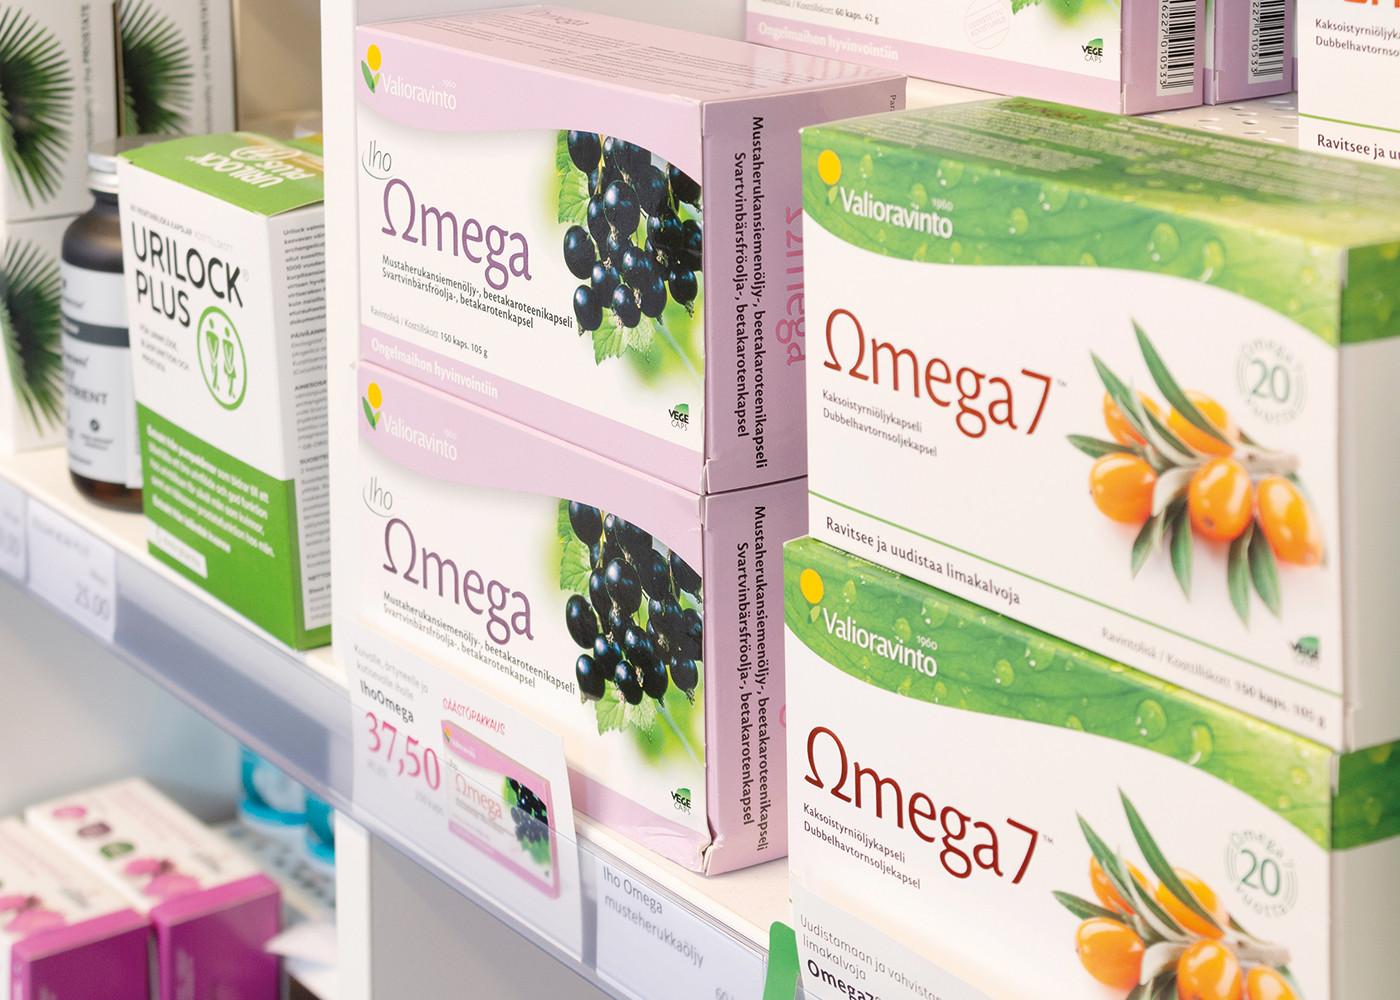 Terveyskauppa-Ulpukka-myymala-tuotteita.